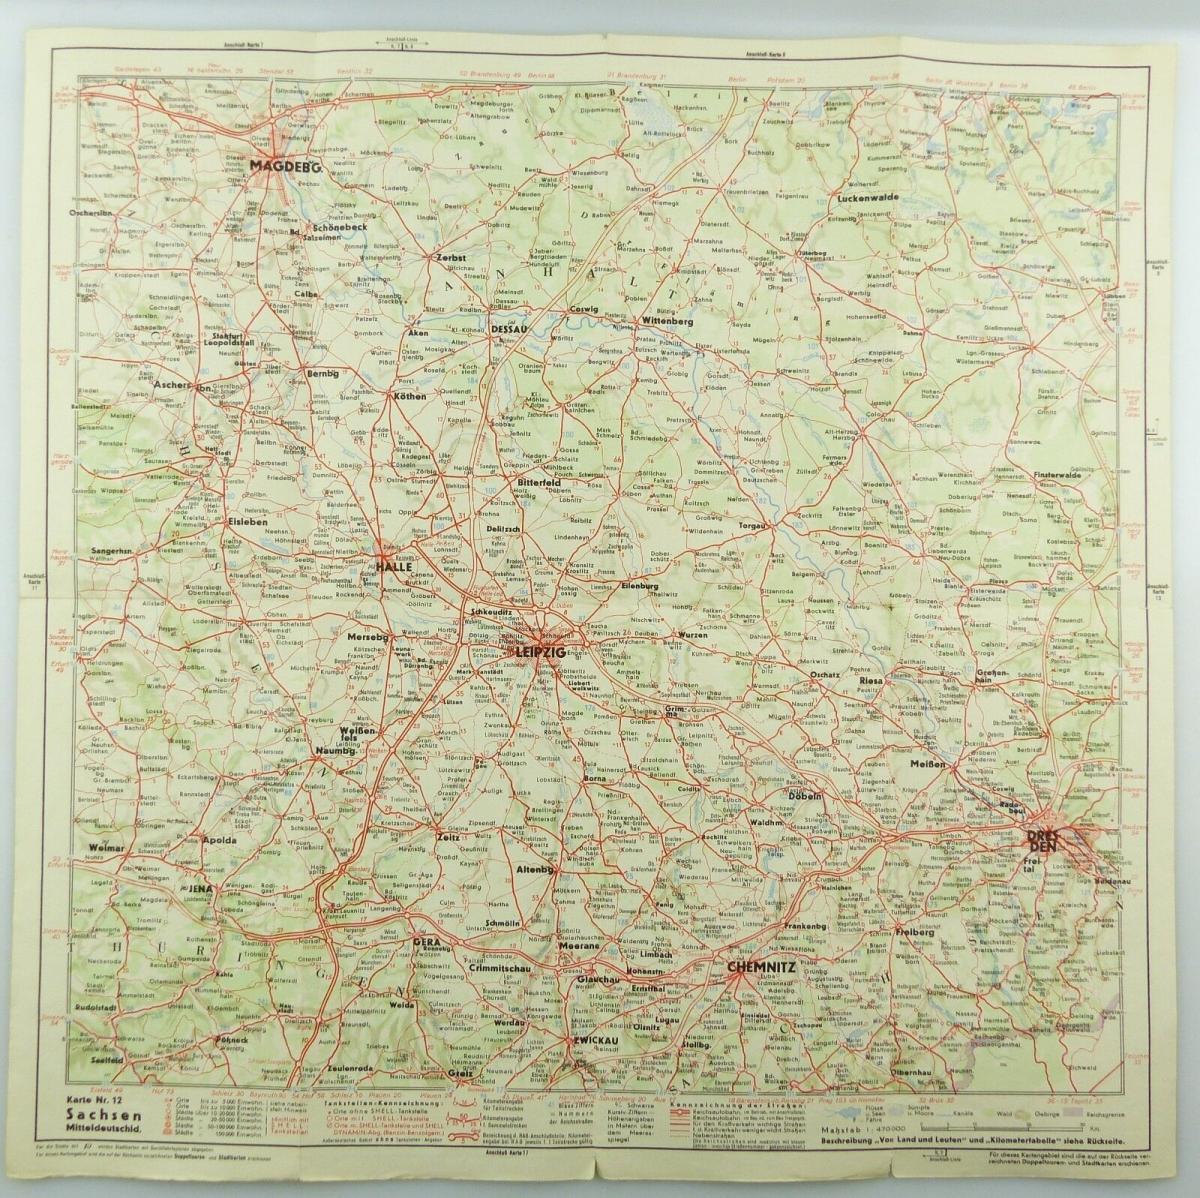 E9615 Shell Straßenkarte Nr 12 Meißen Sachsen Mitteldeutschland Reisedienst 4